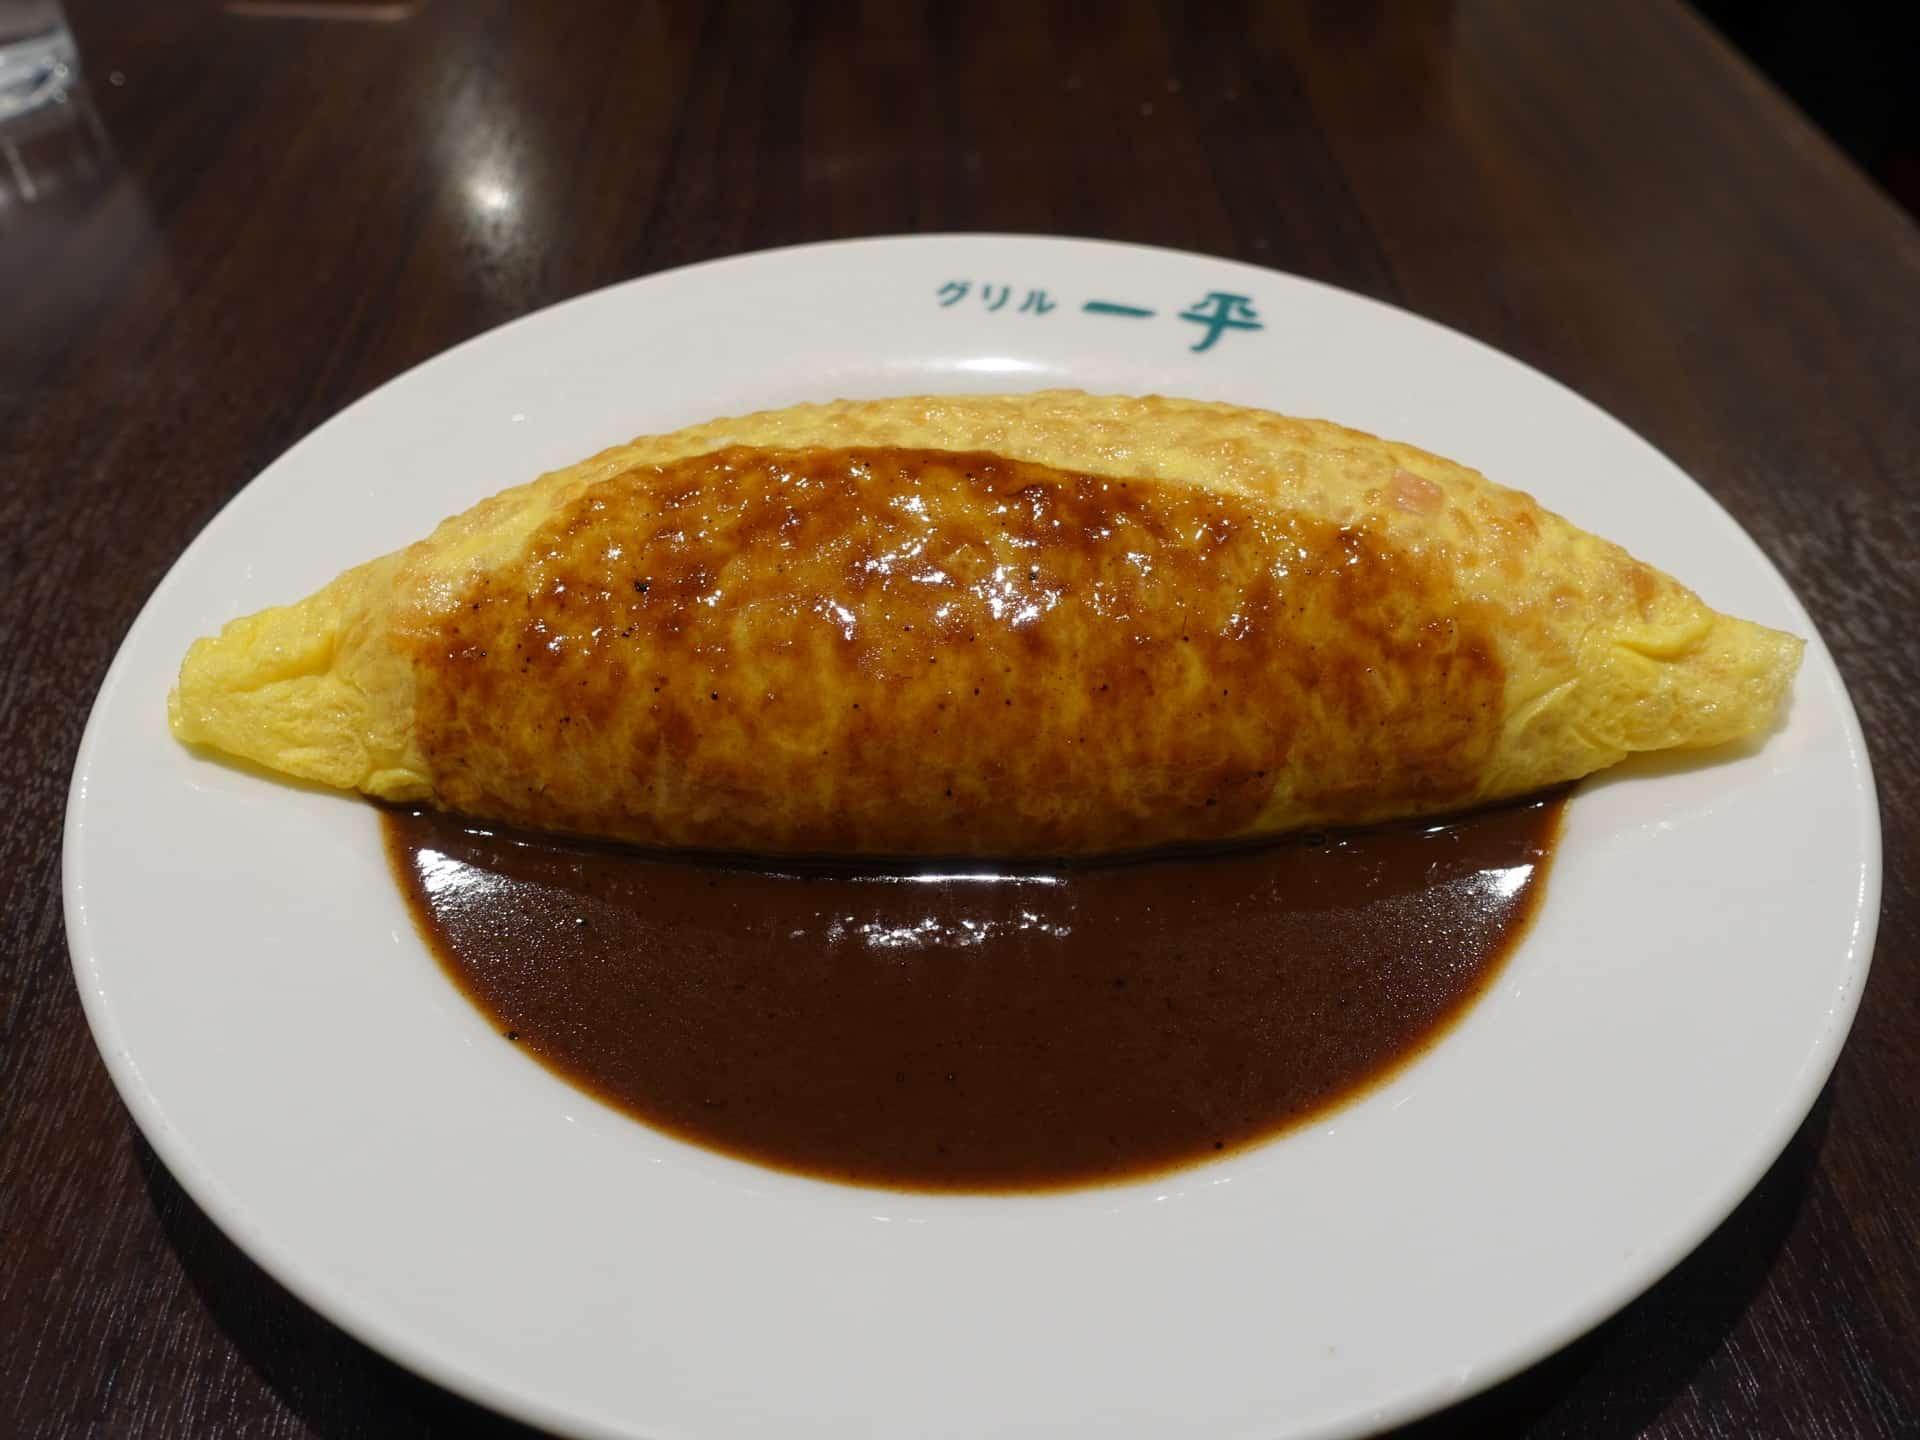 グリル一平 三宮店 − オムライスやビフカツがおすすめ!神戸の老舗洋食屋でランチ